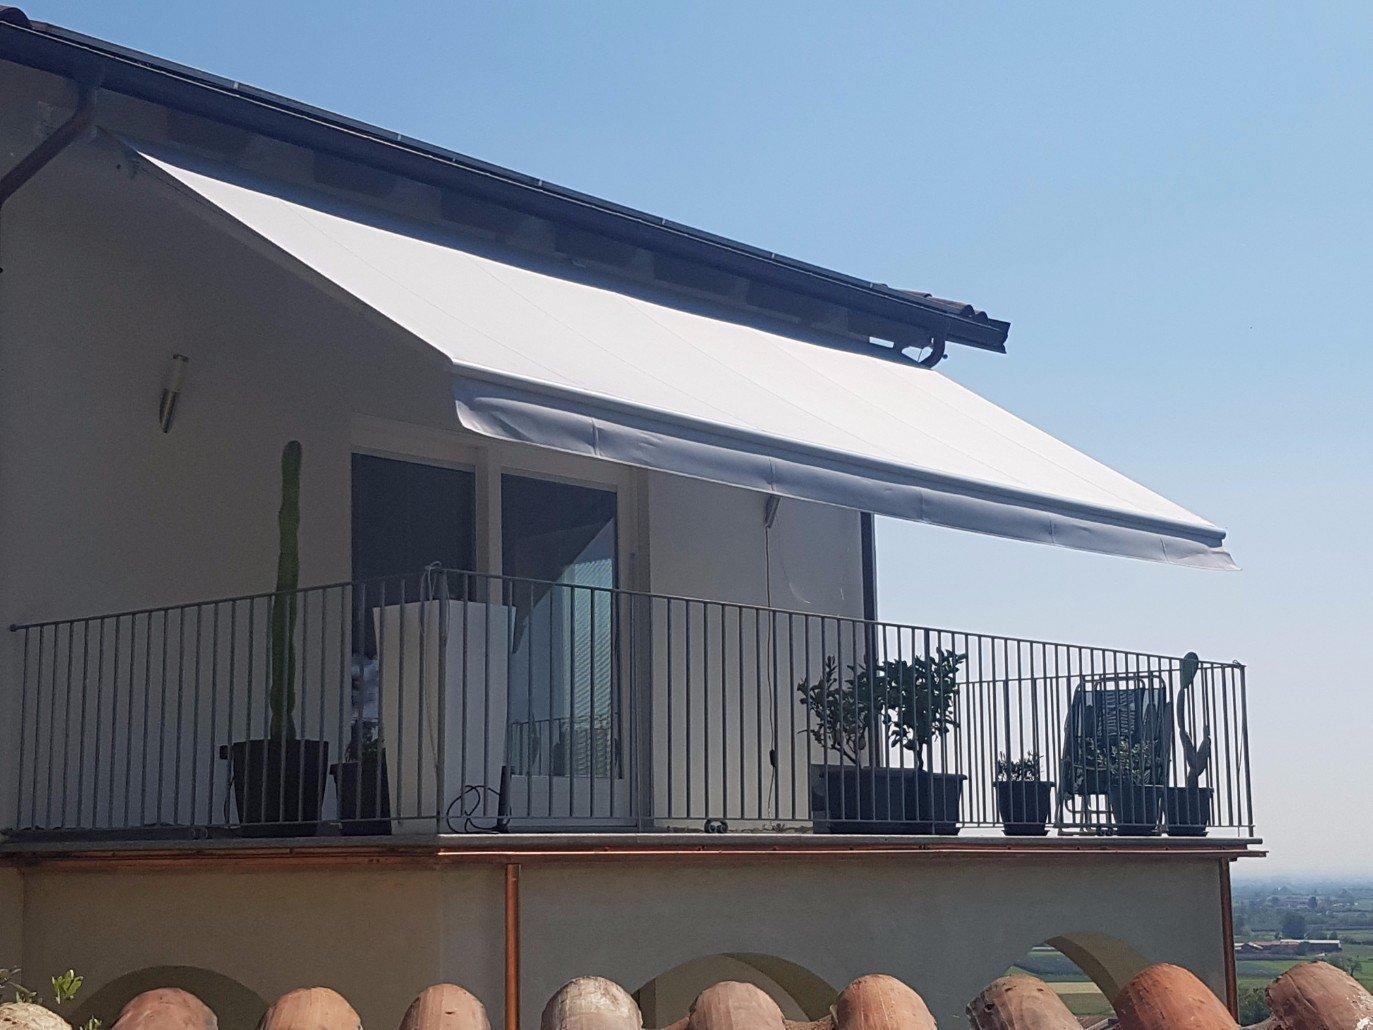 un balcone con un tendone bianco